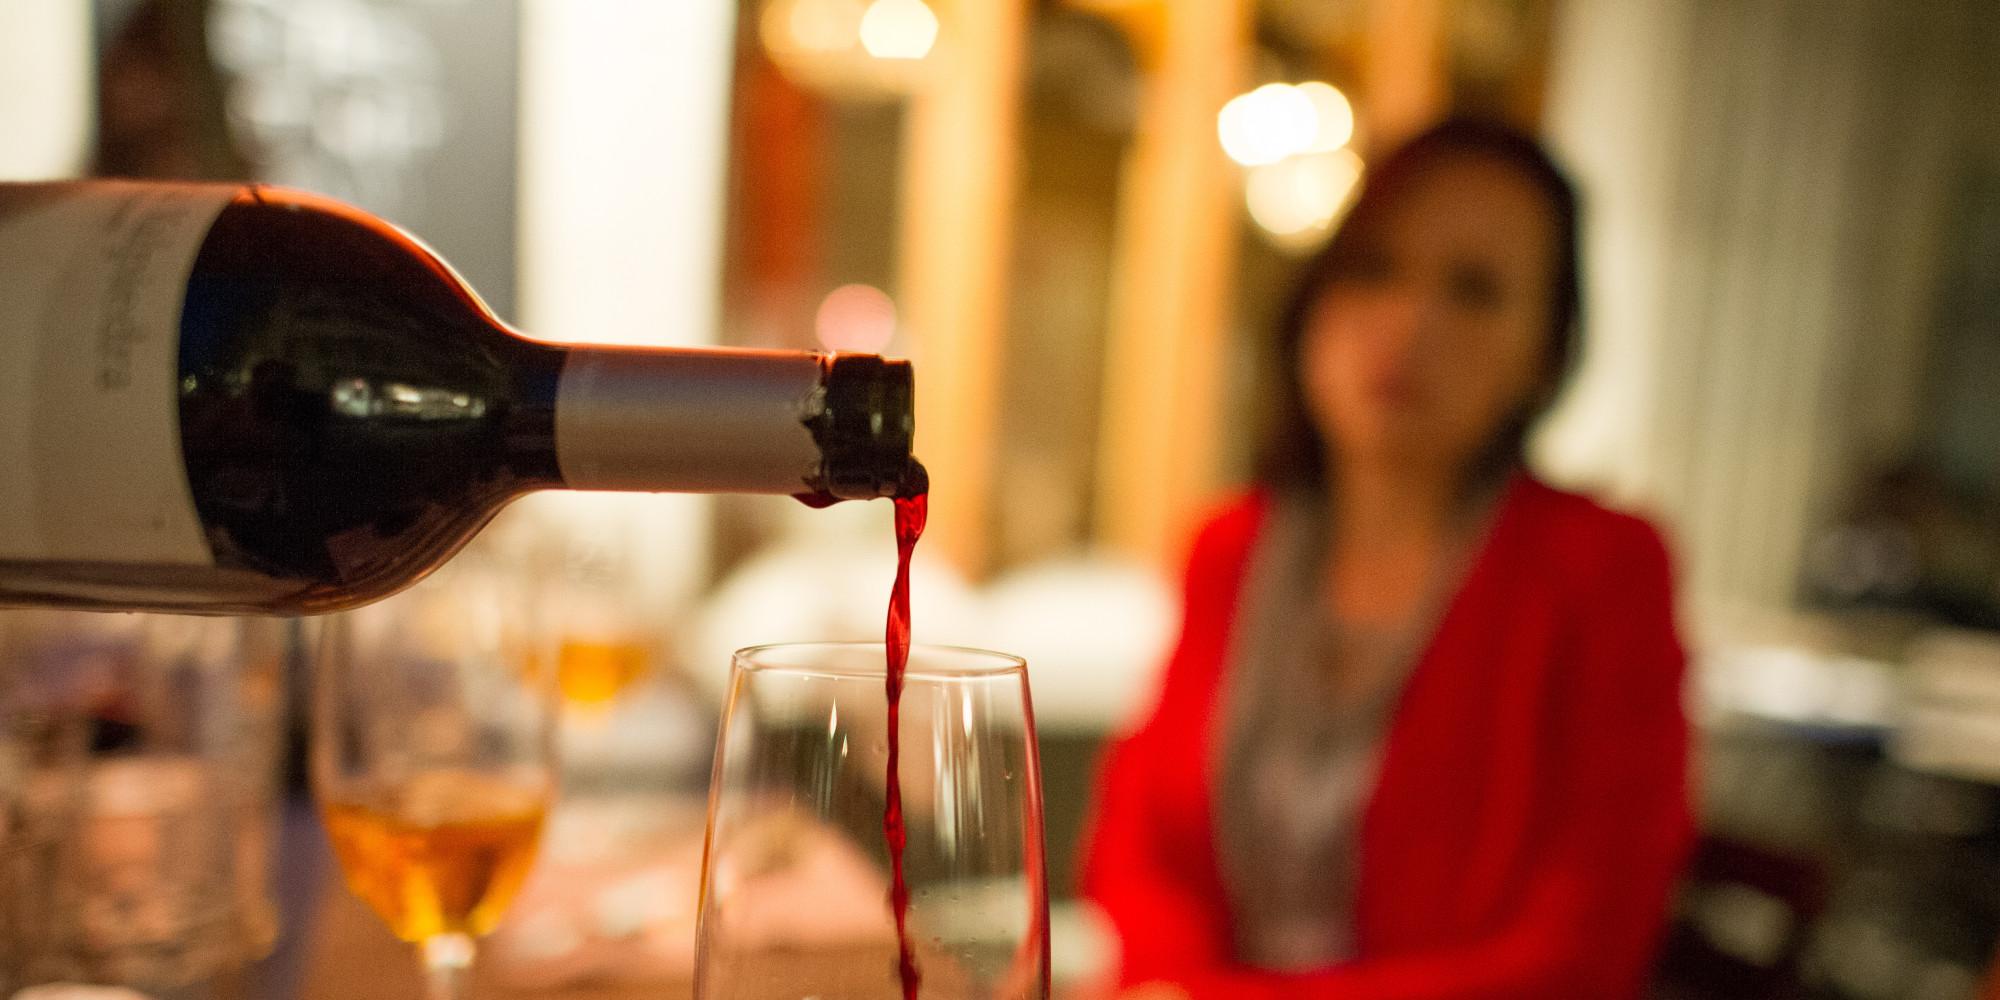 Kobieta uzależniona od alkoholu. Statystyki i powody picia.